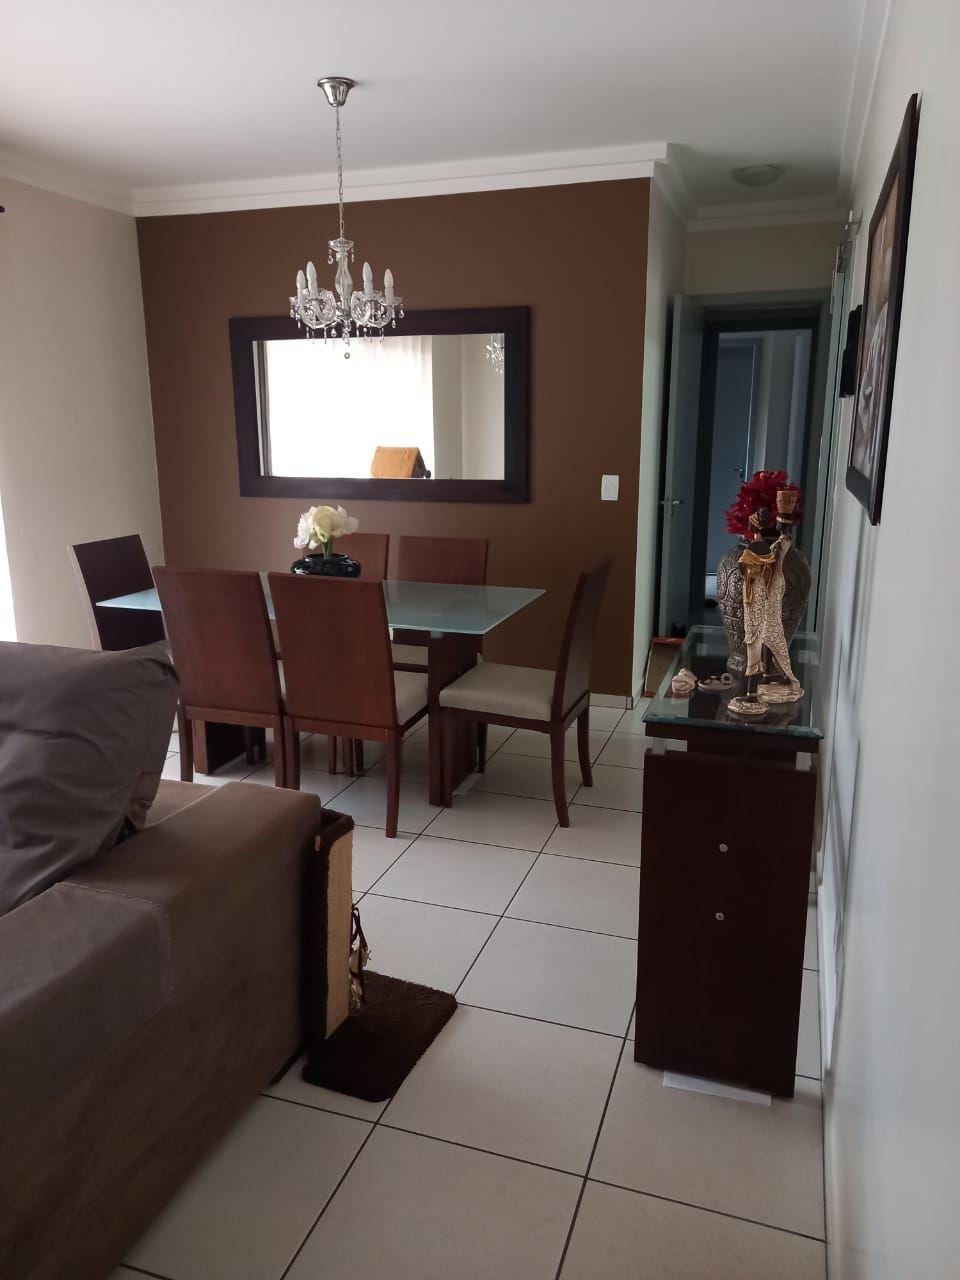 750 - Apartamento Girdino Nova Alinça Sul 98 m²